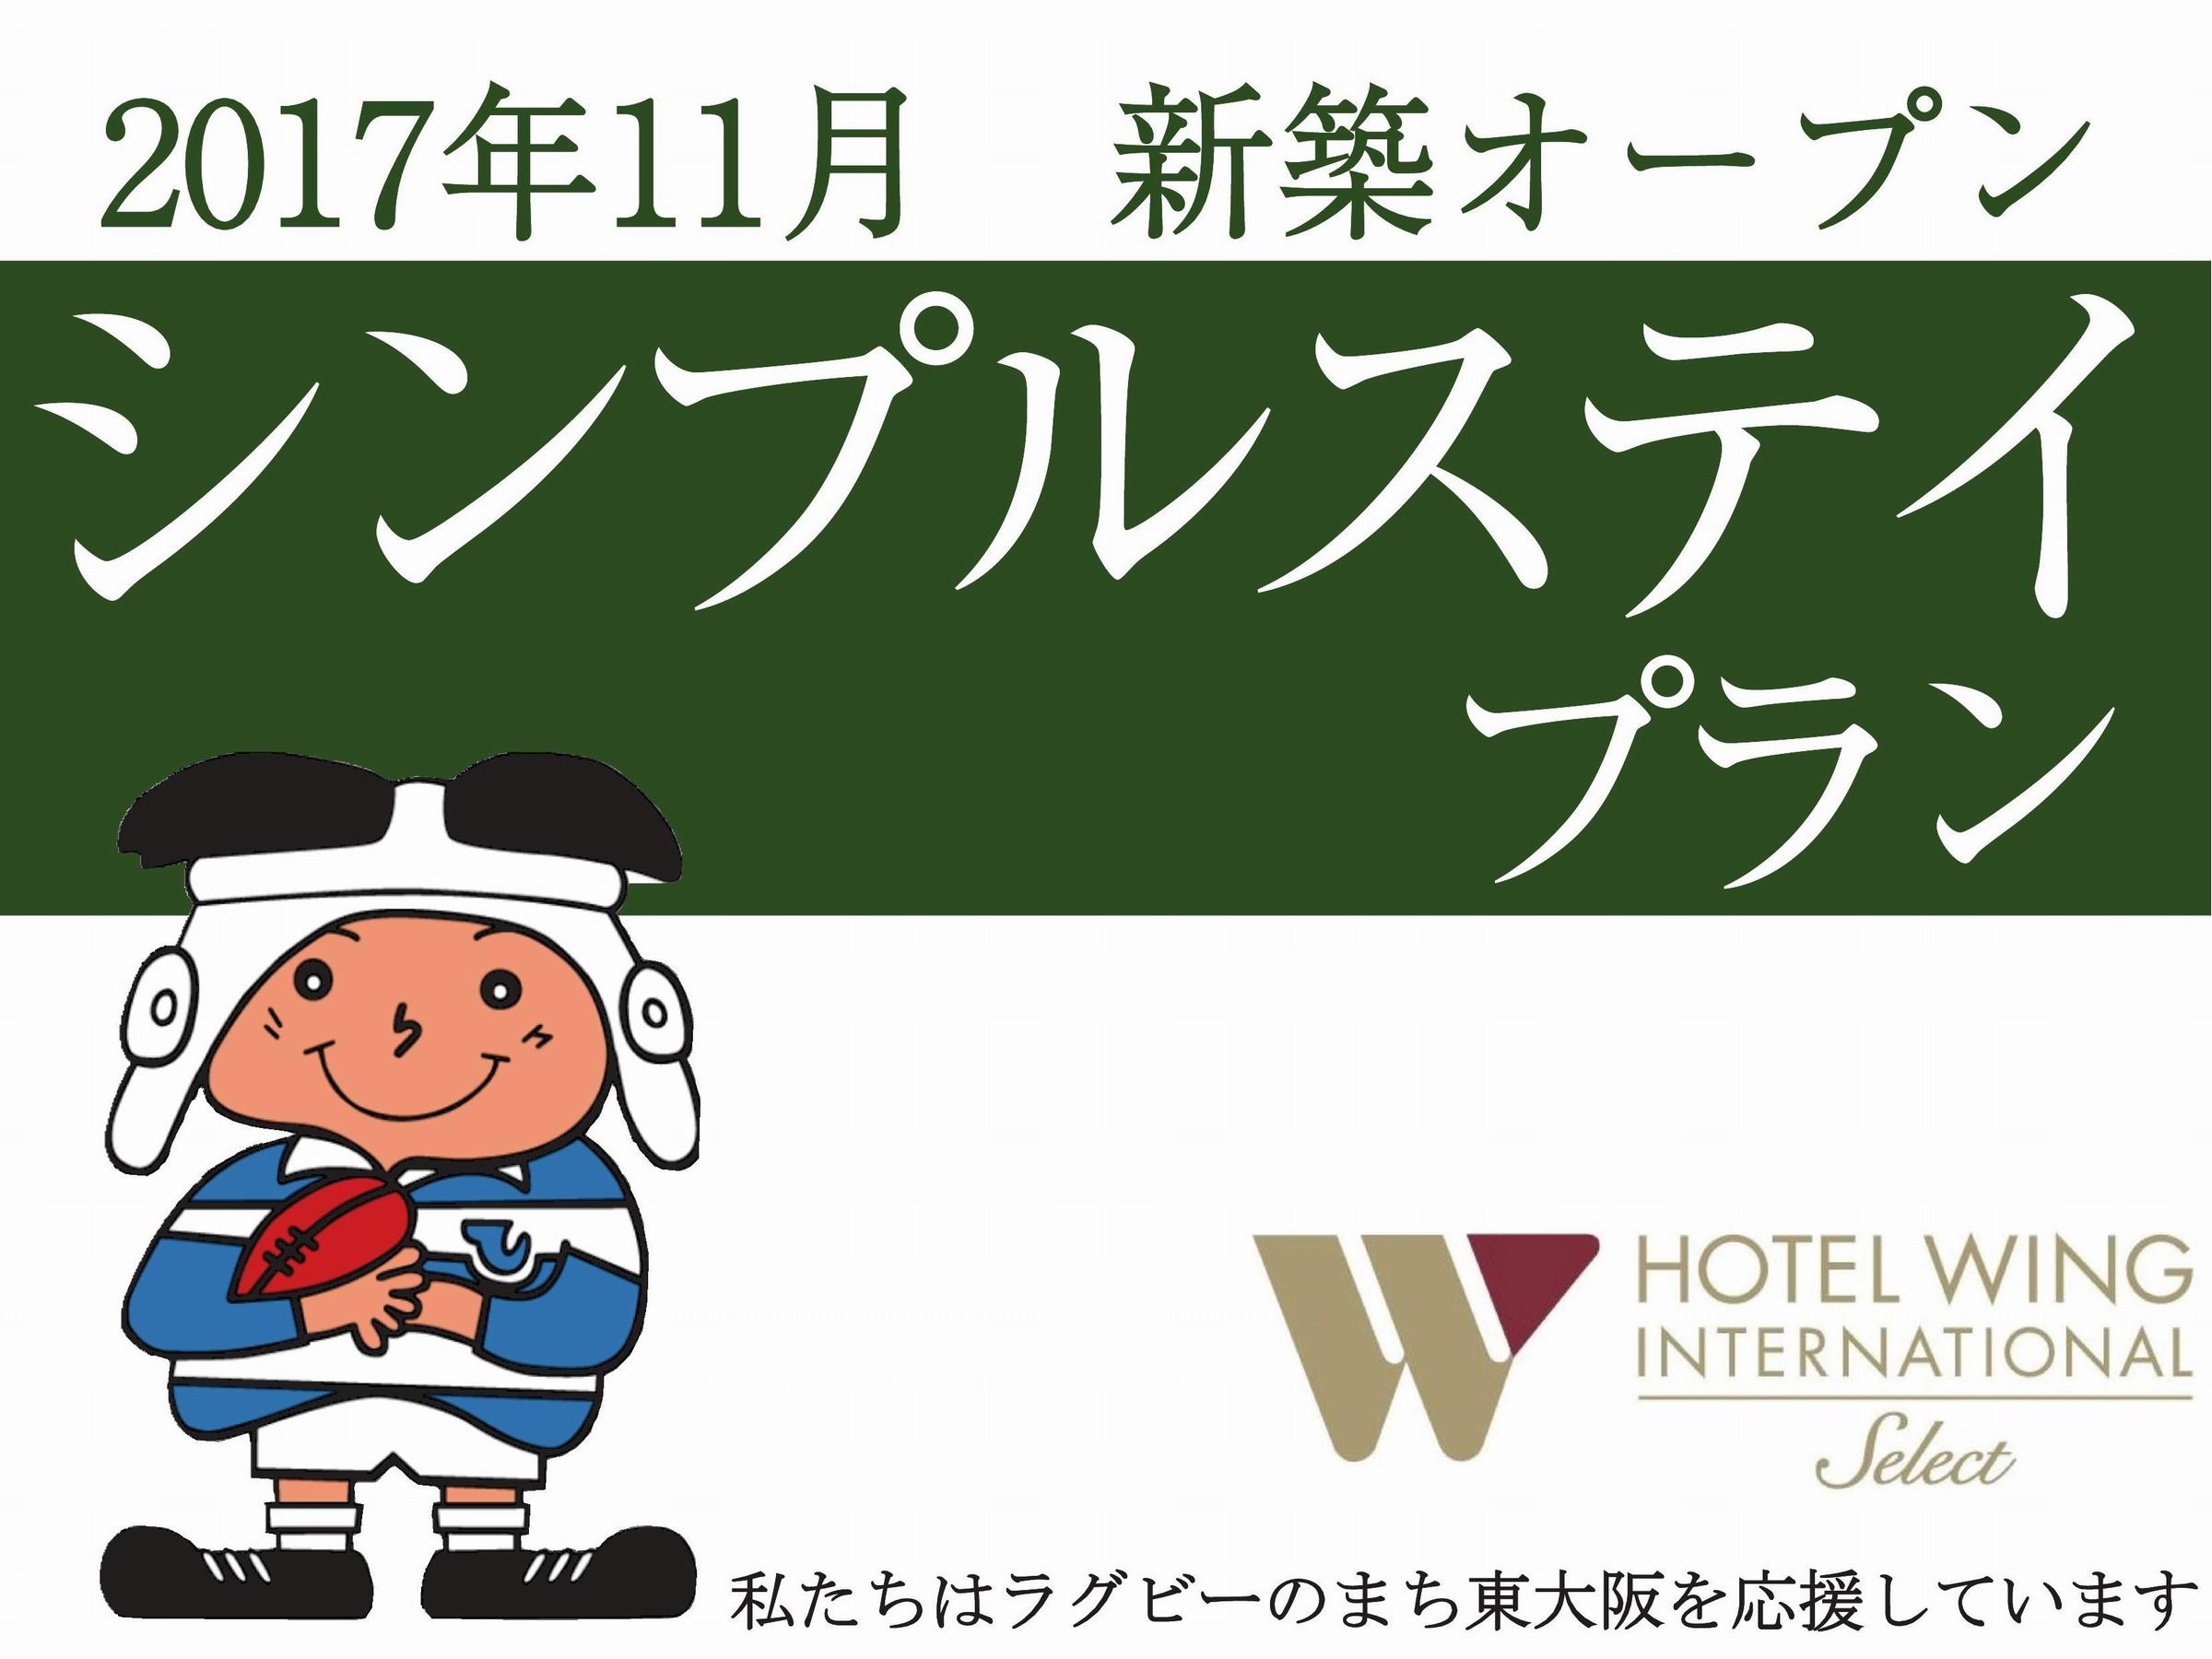 ホテルウィングインターナショナルセレクト東大阪 / 【シンプルステイ】地下鉄中央線「長田駅」の目の前!大阪中心部へのアクセス◎出張・観光の拠点にも!